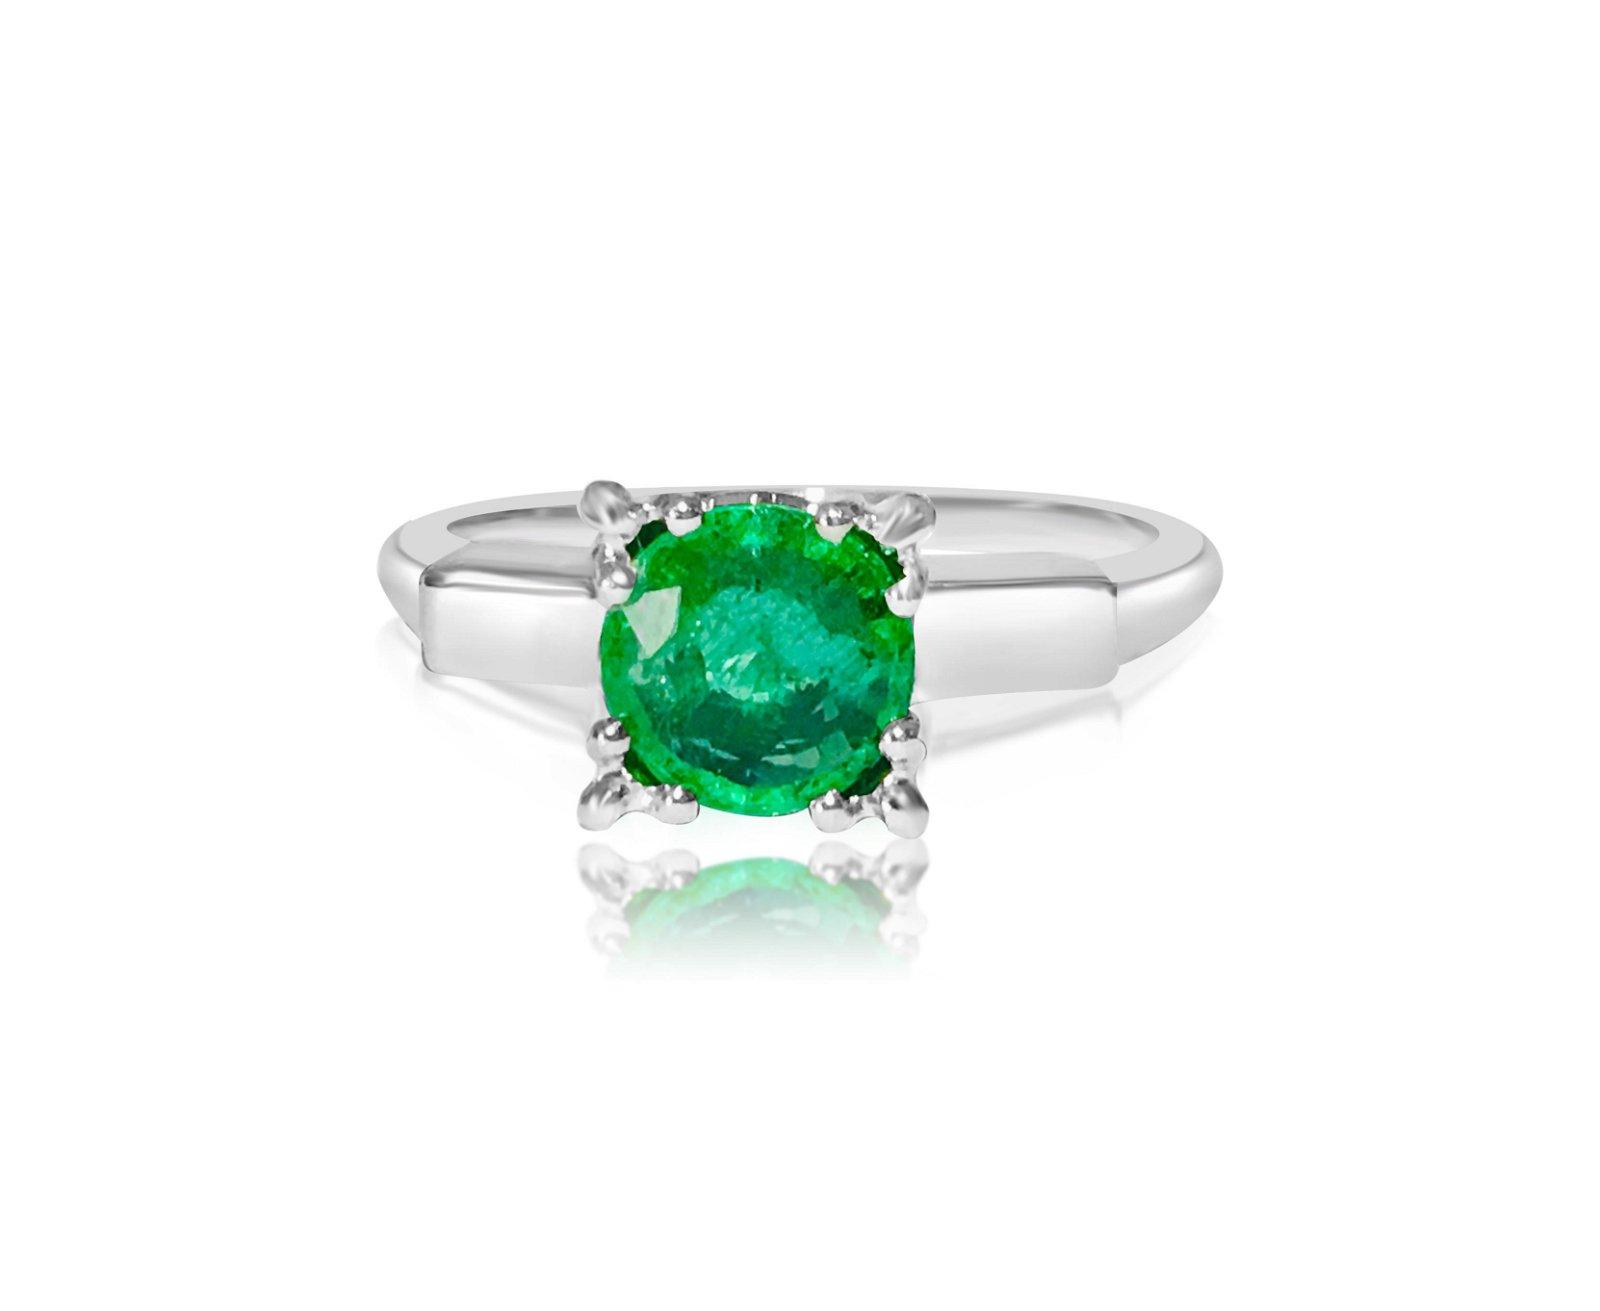 2.00 Carat Emerald in Platinum Ring